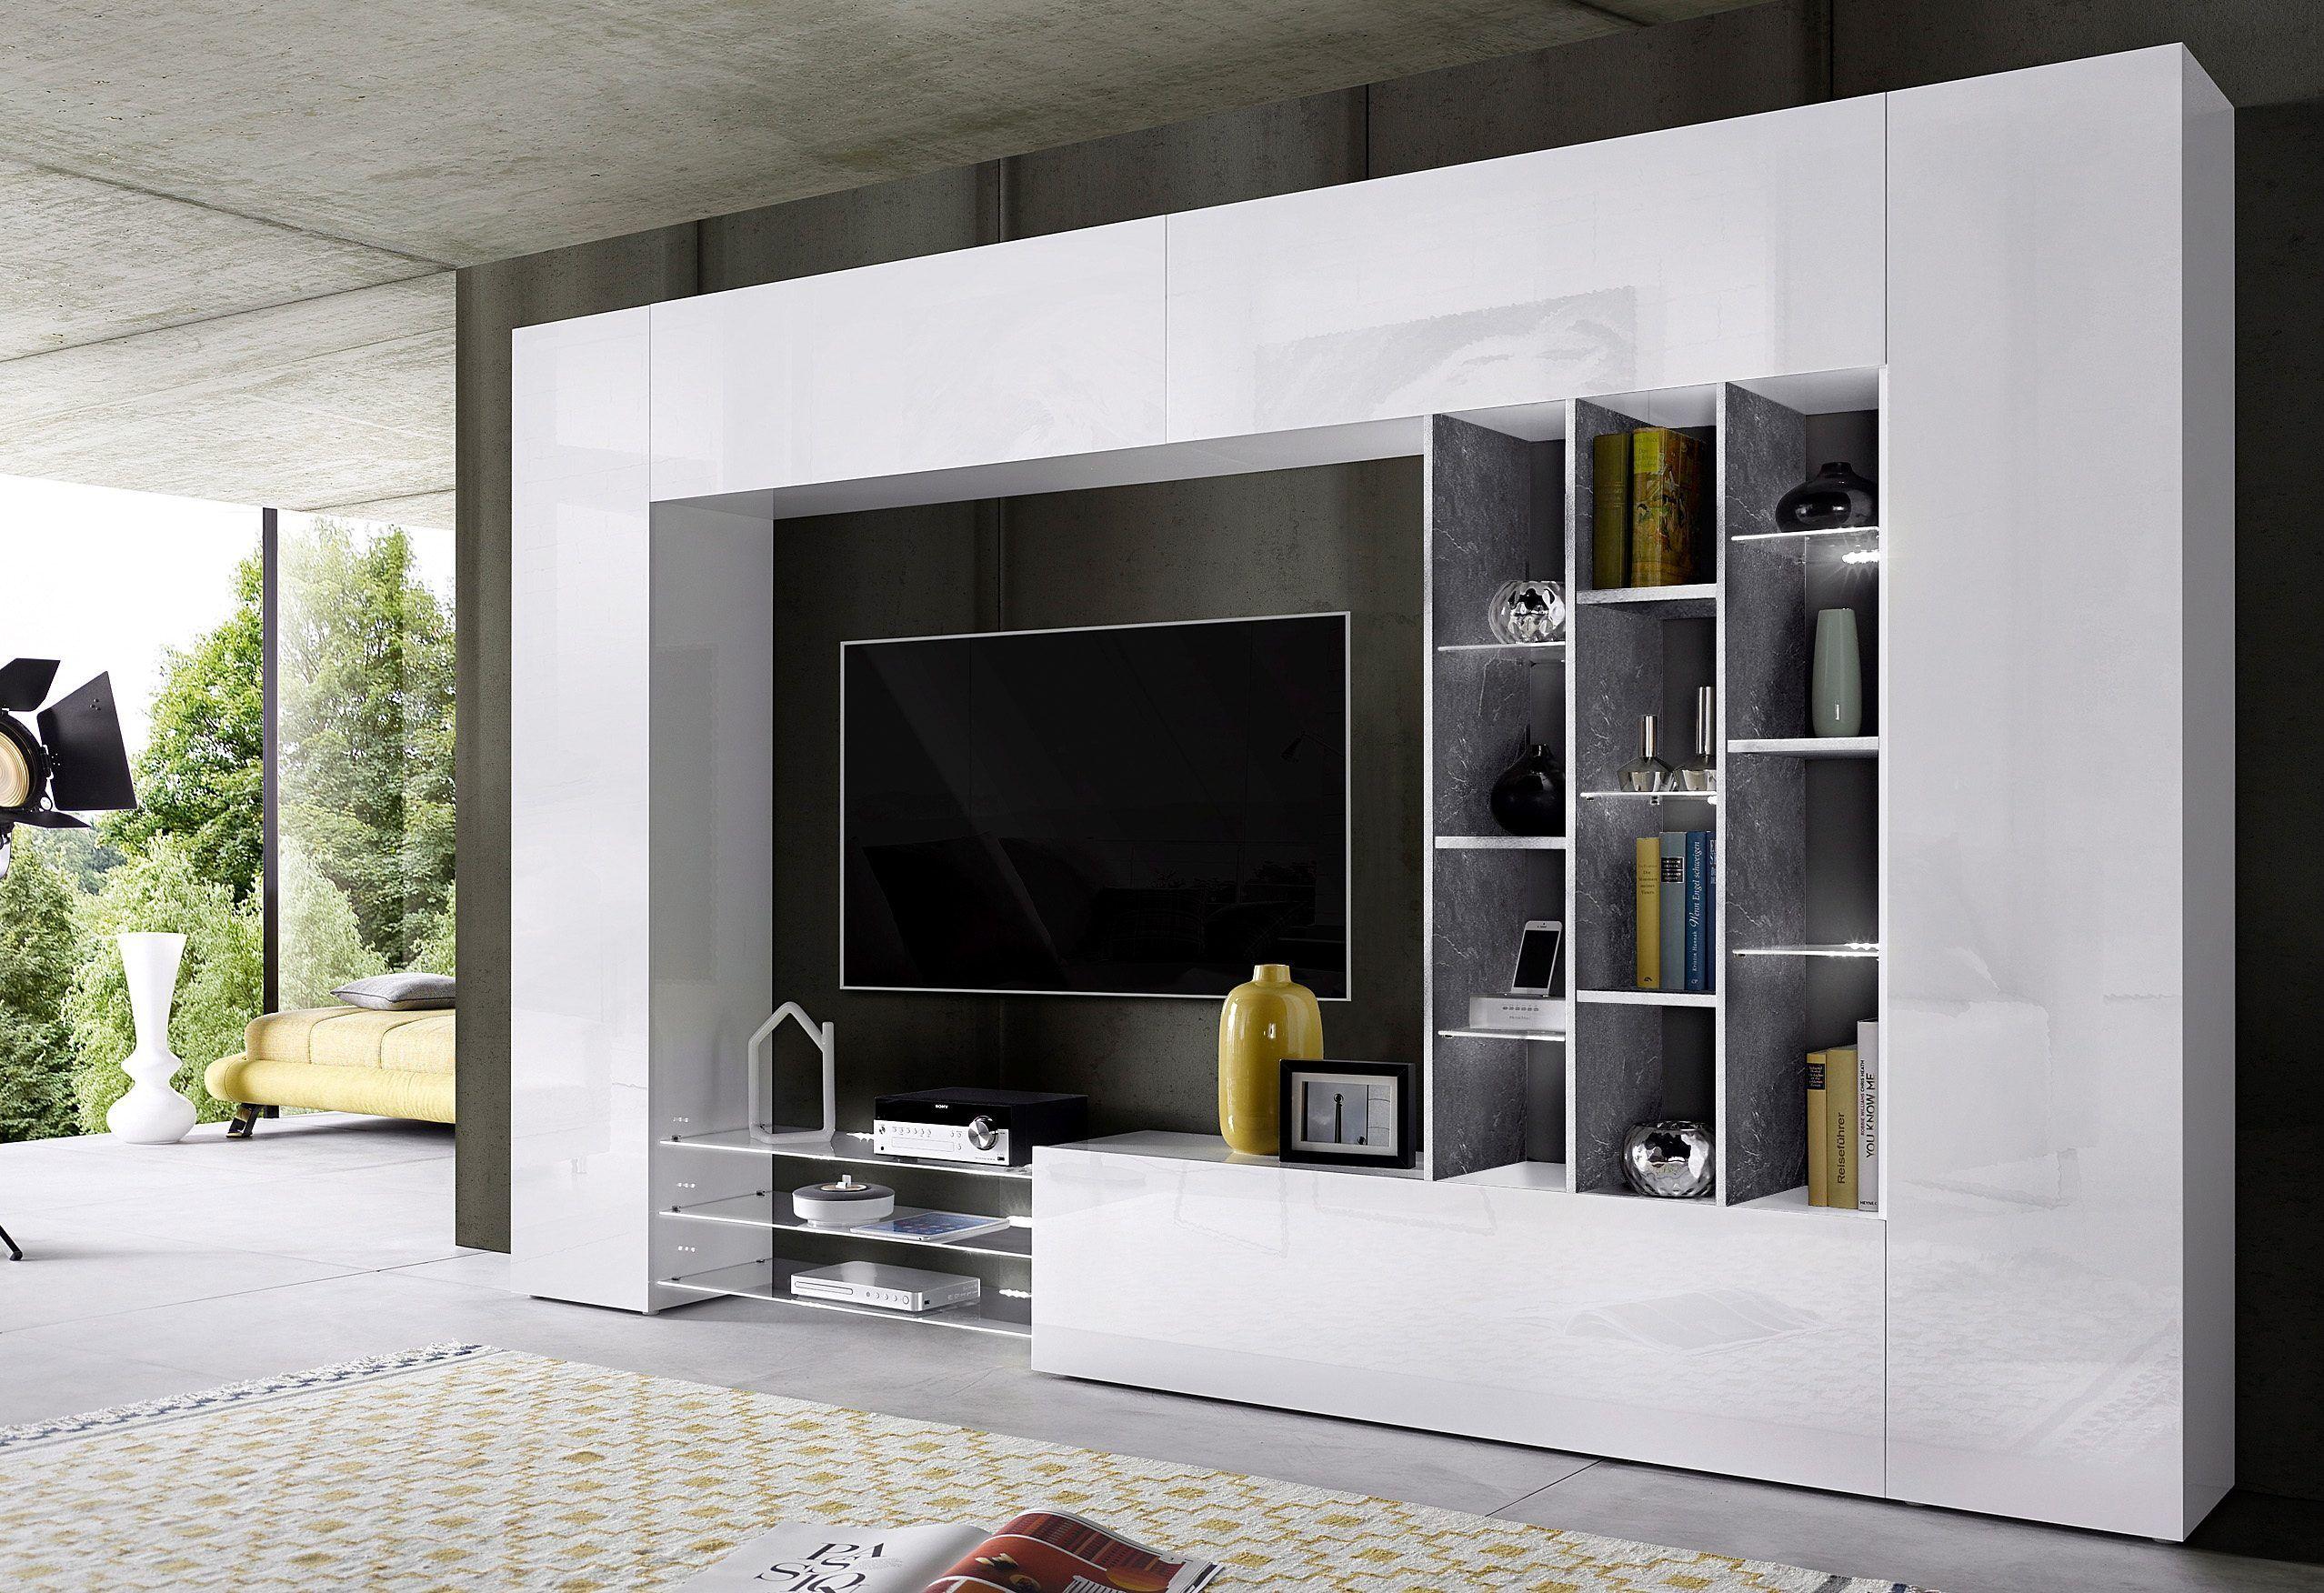 TECNOS Wohnwand Weiß, Hochglanz Fronten, FSC® Zertifiziert Jetzt Bestellen  Unter: